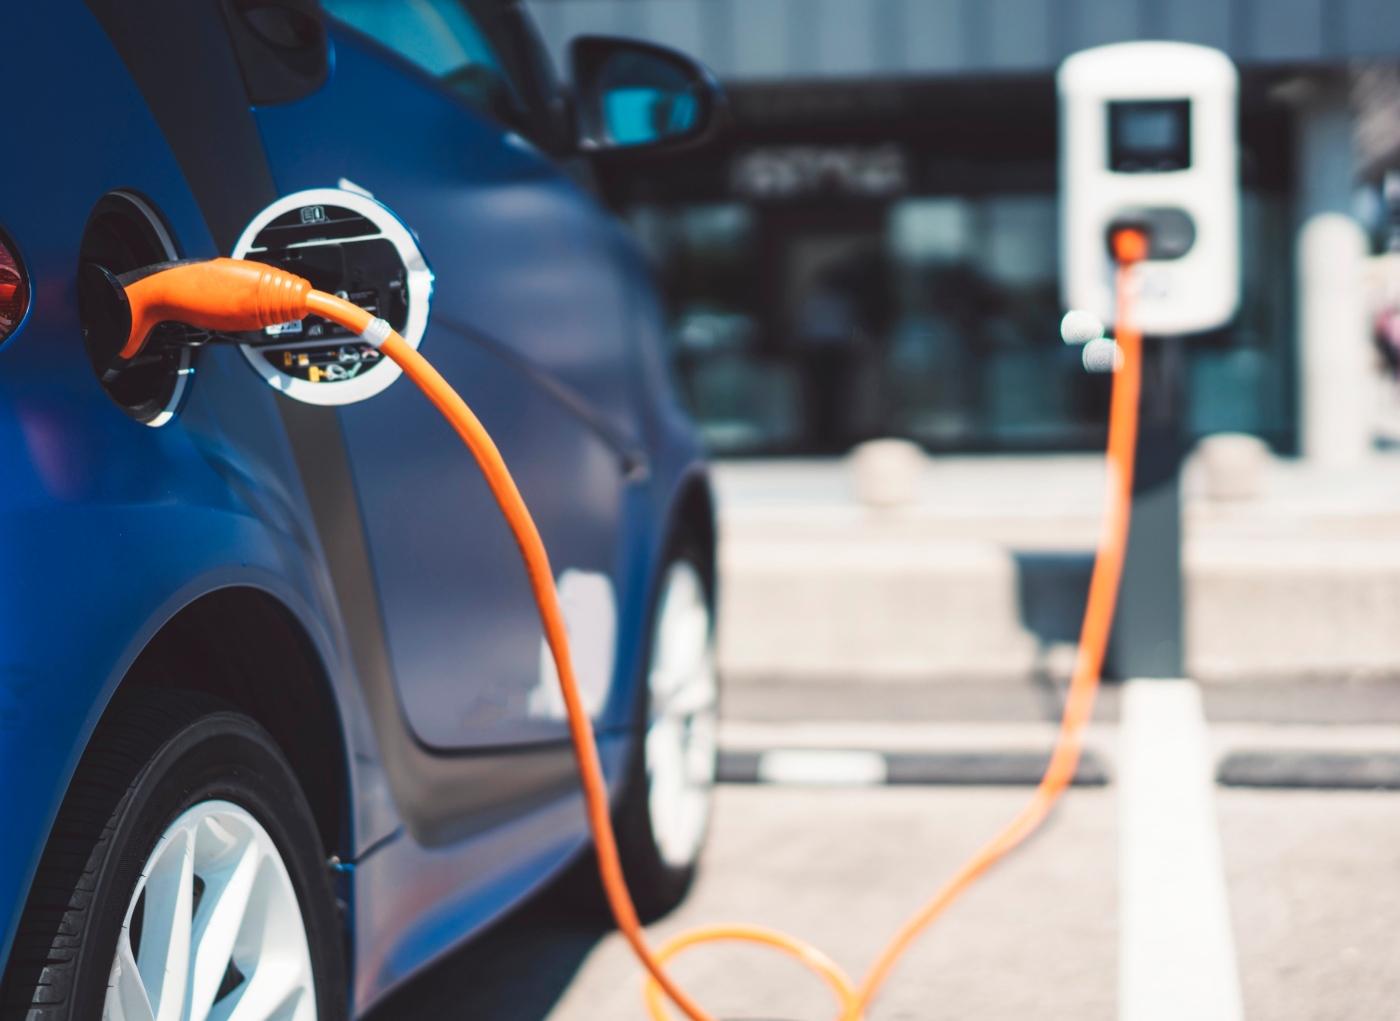 Carregamentos de carros elétricos vão passar a ser pagos